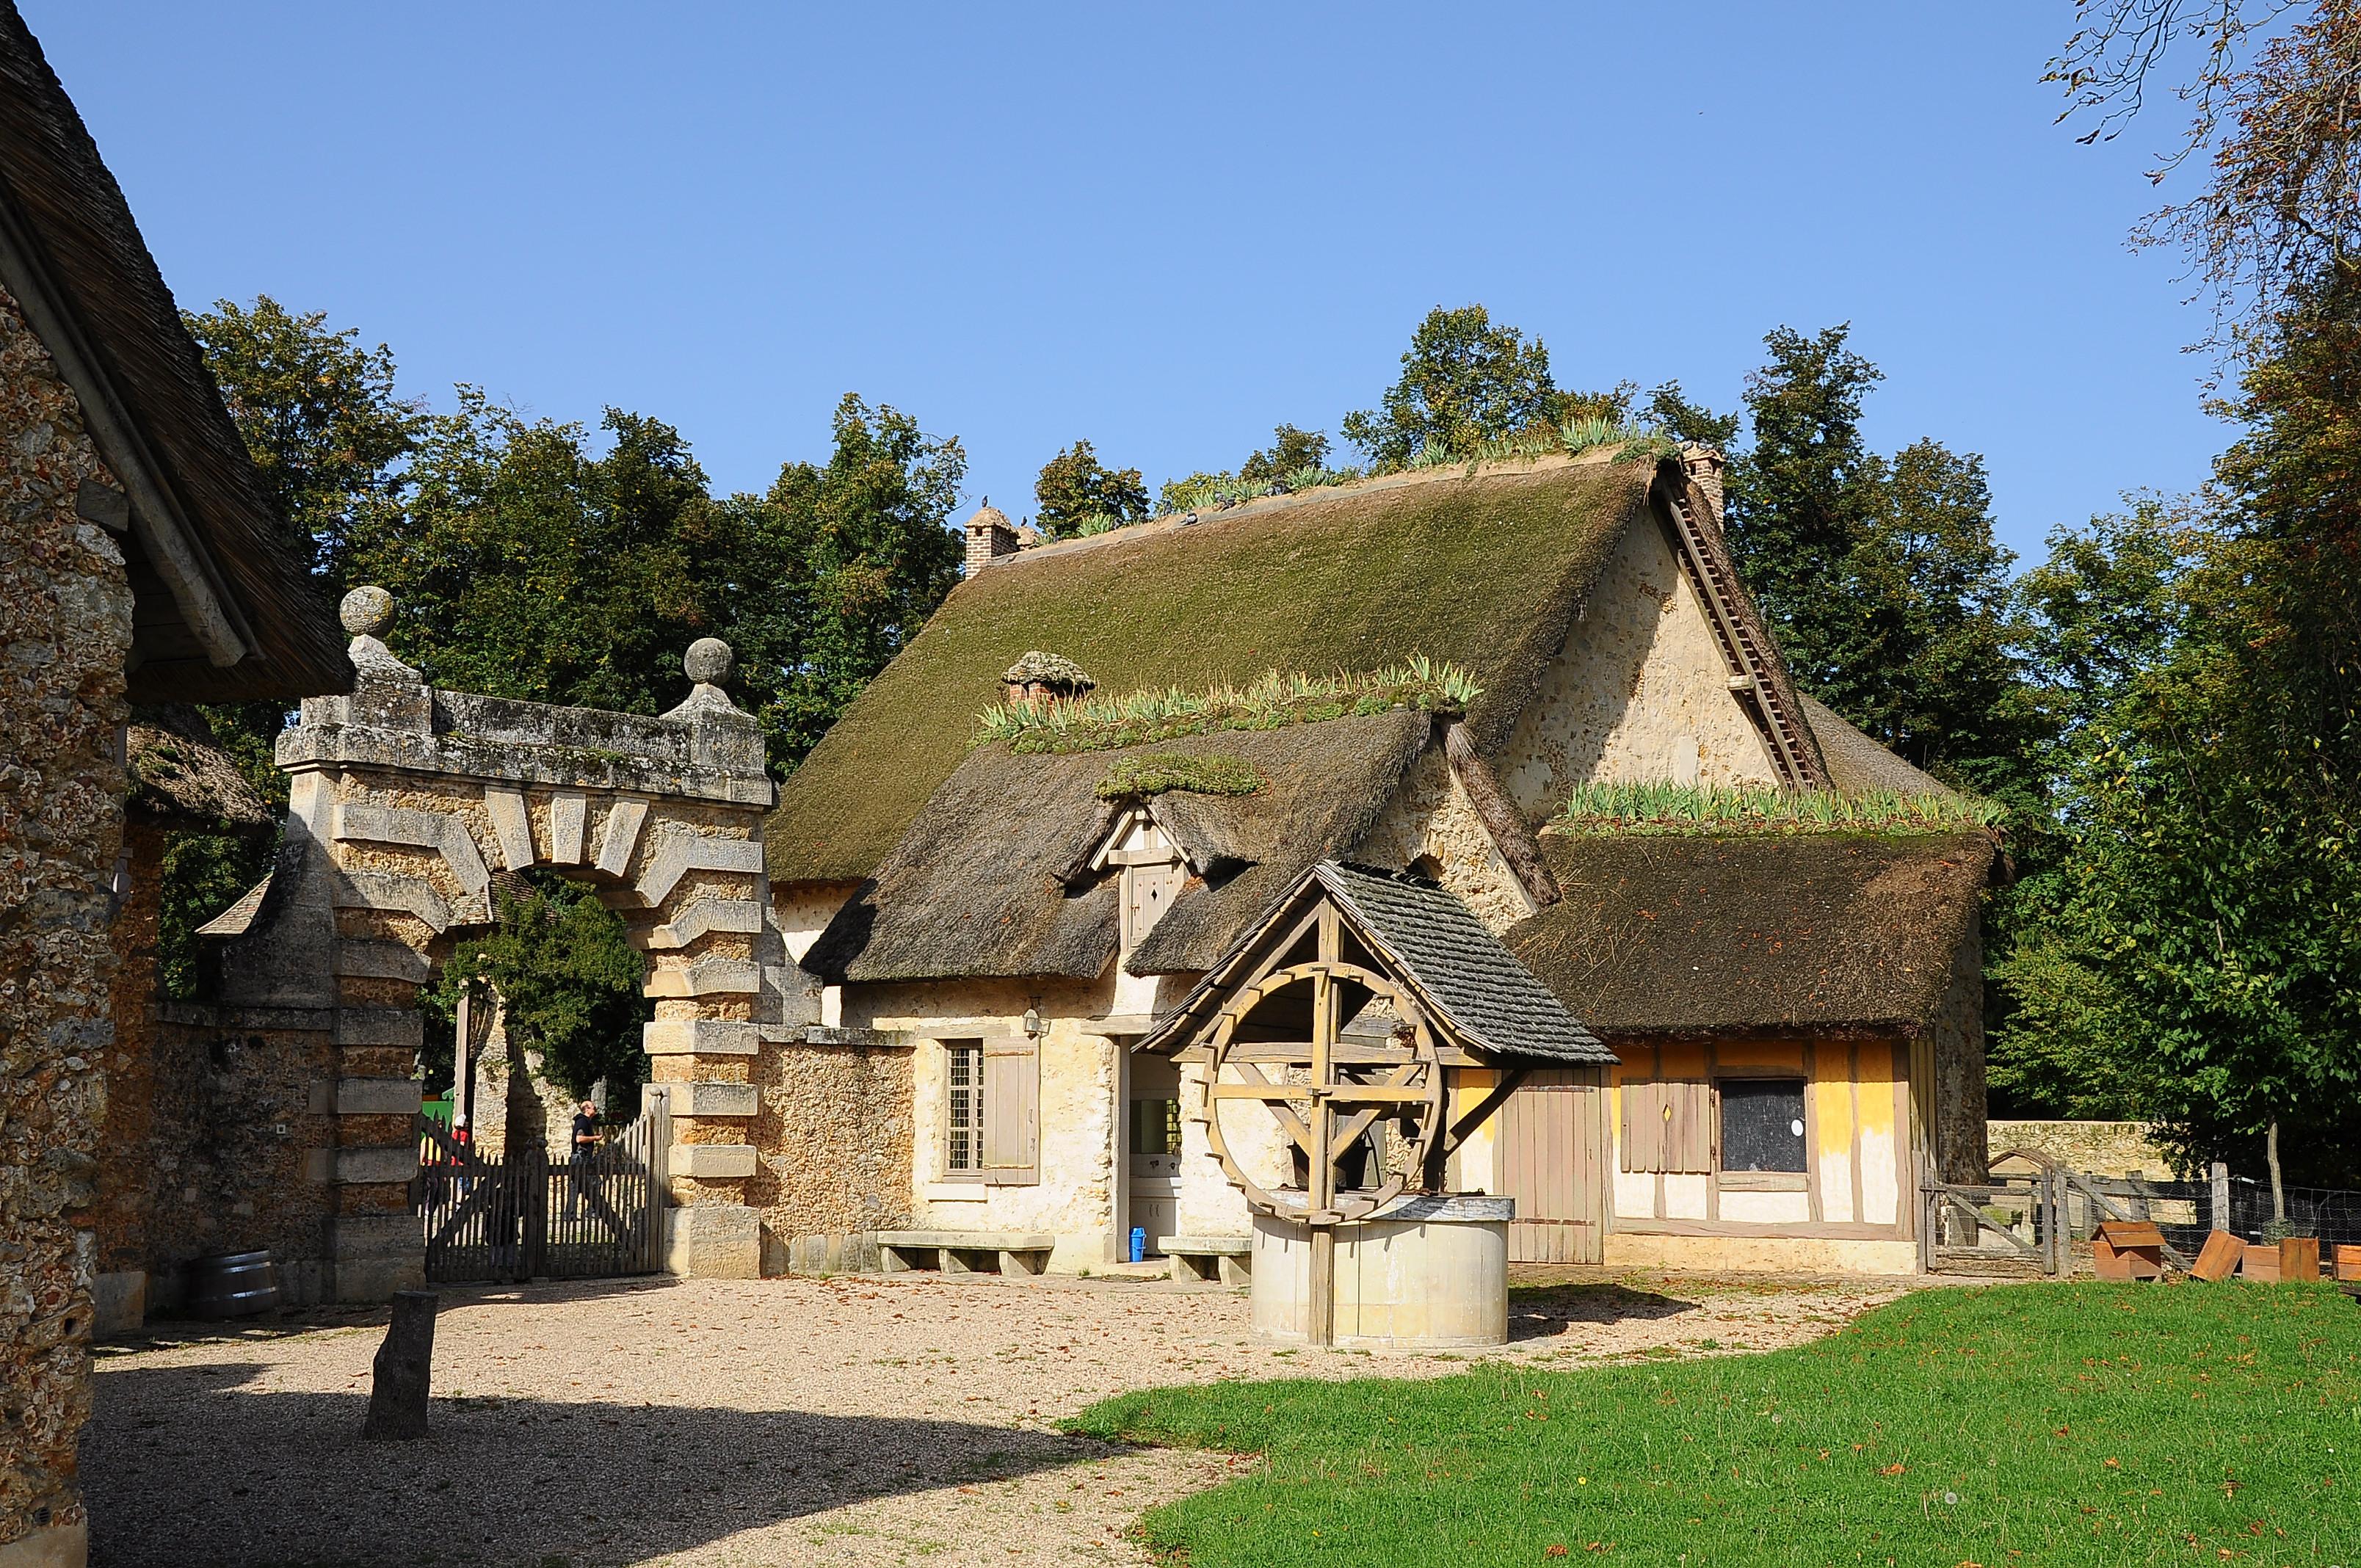 Fichier:Ferme du hameau de la Reine 013.JPG — Wikipédia